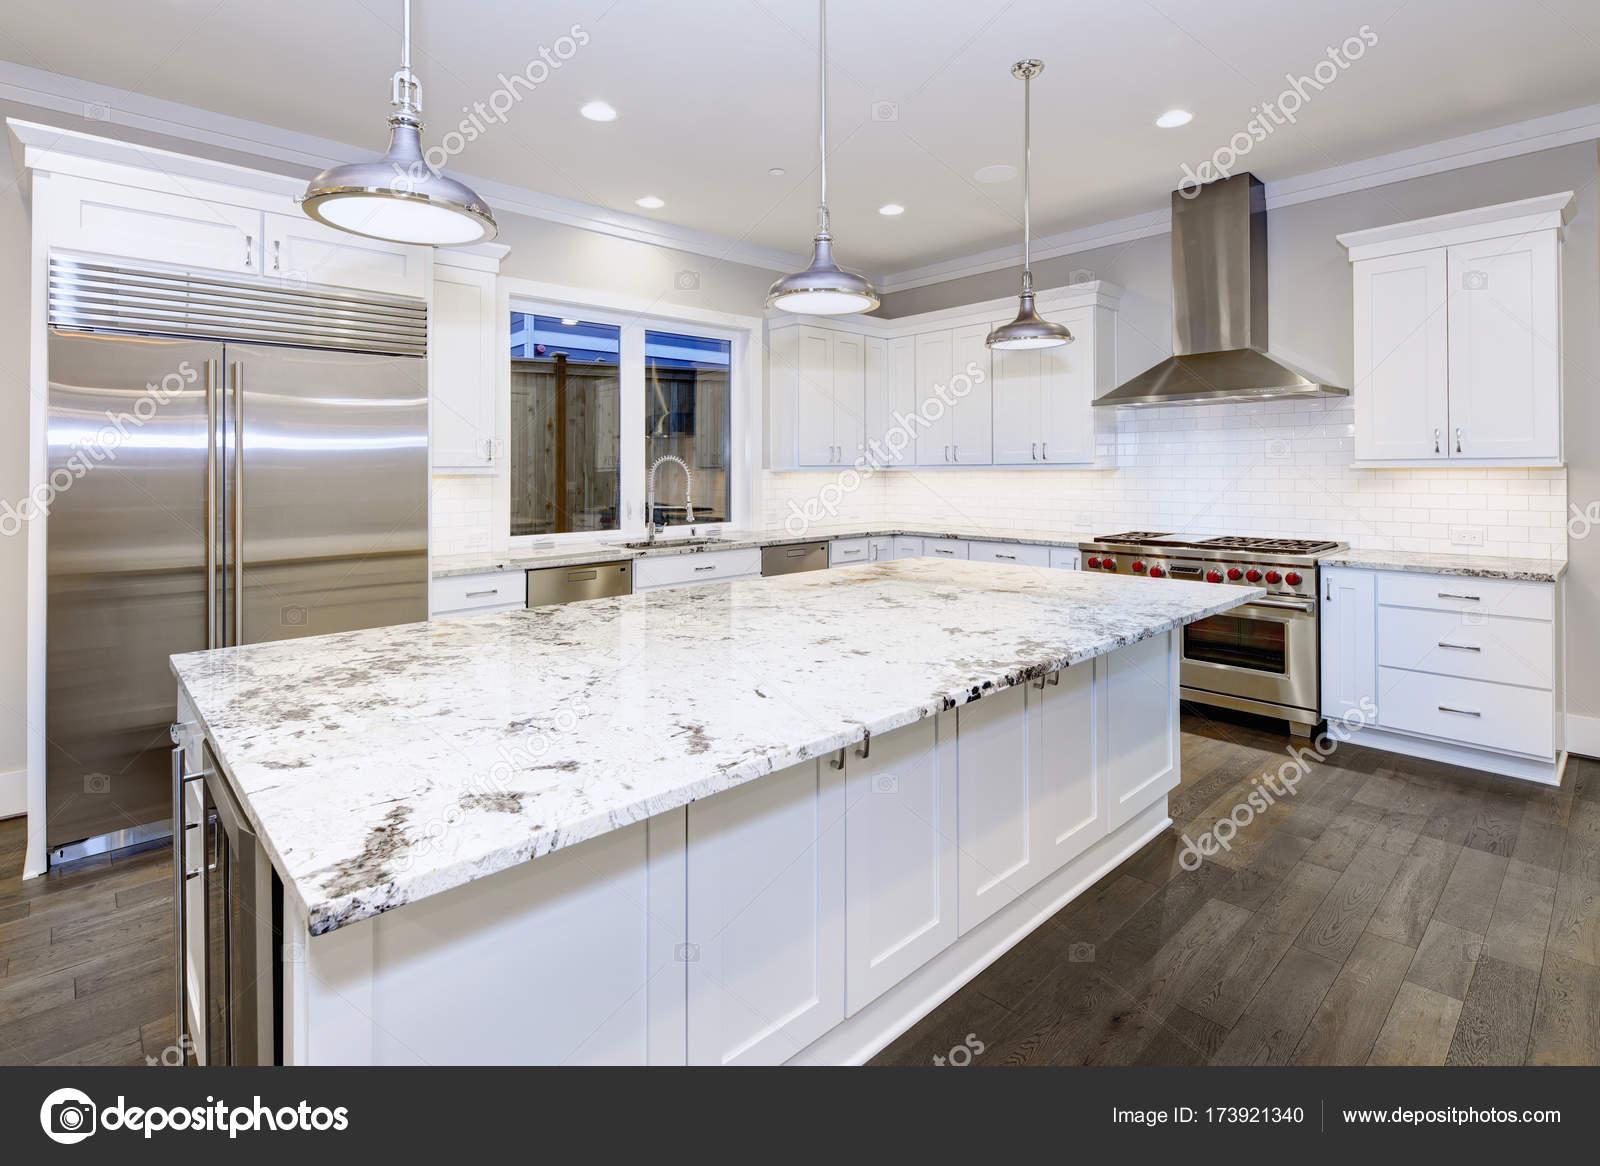 Große, geräumige Küchendesign mit weißen Küche-Kabinette — Stockfoto ...